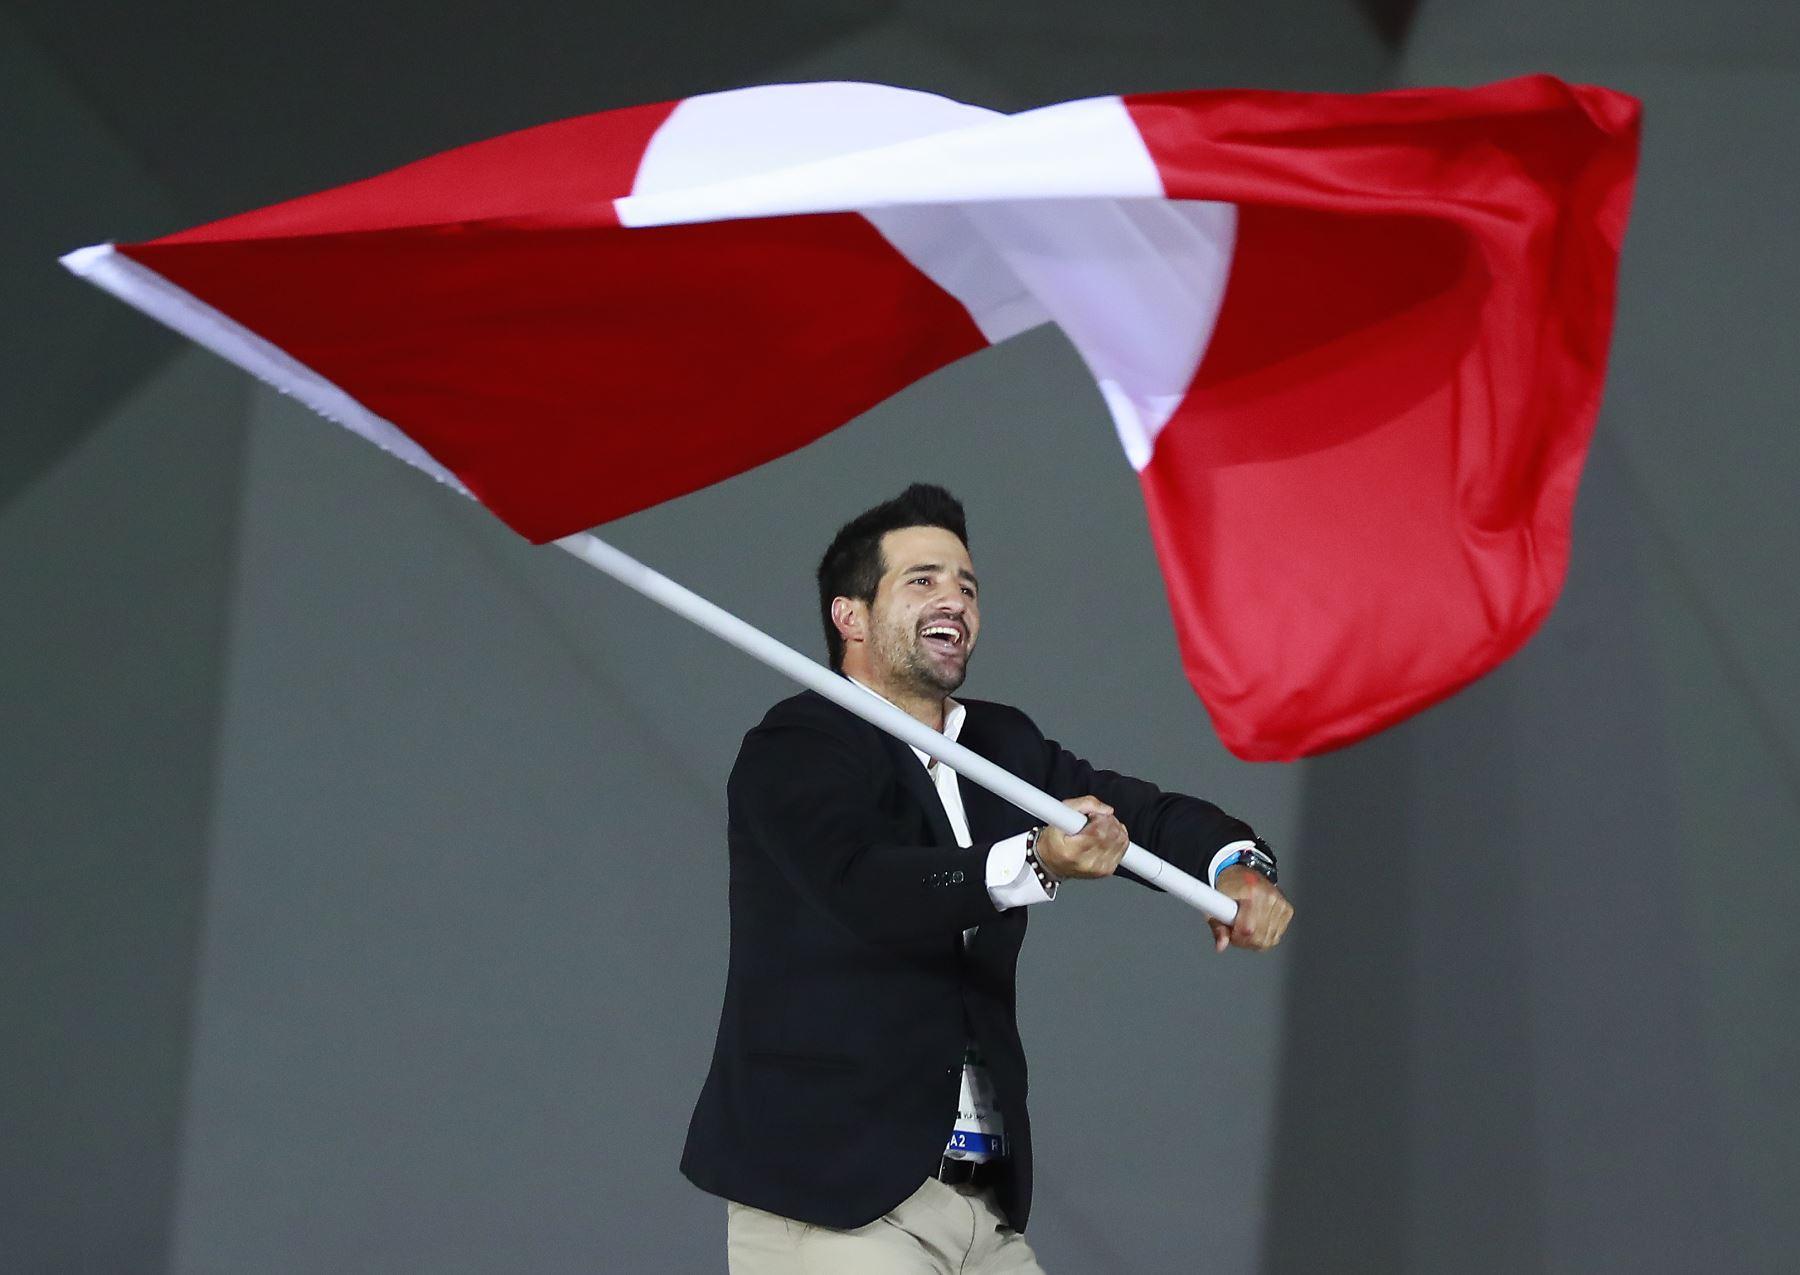 Stefano Peschiera de Perú, ondea la bandera peruana durante la ceremonia de apertura de los Juegos Panamericanos de Lima 2019. Foto: Lima 2019